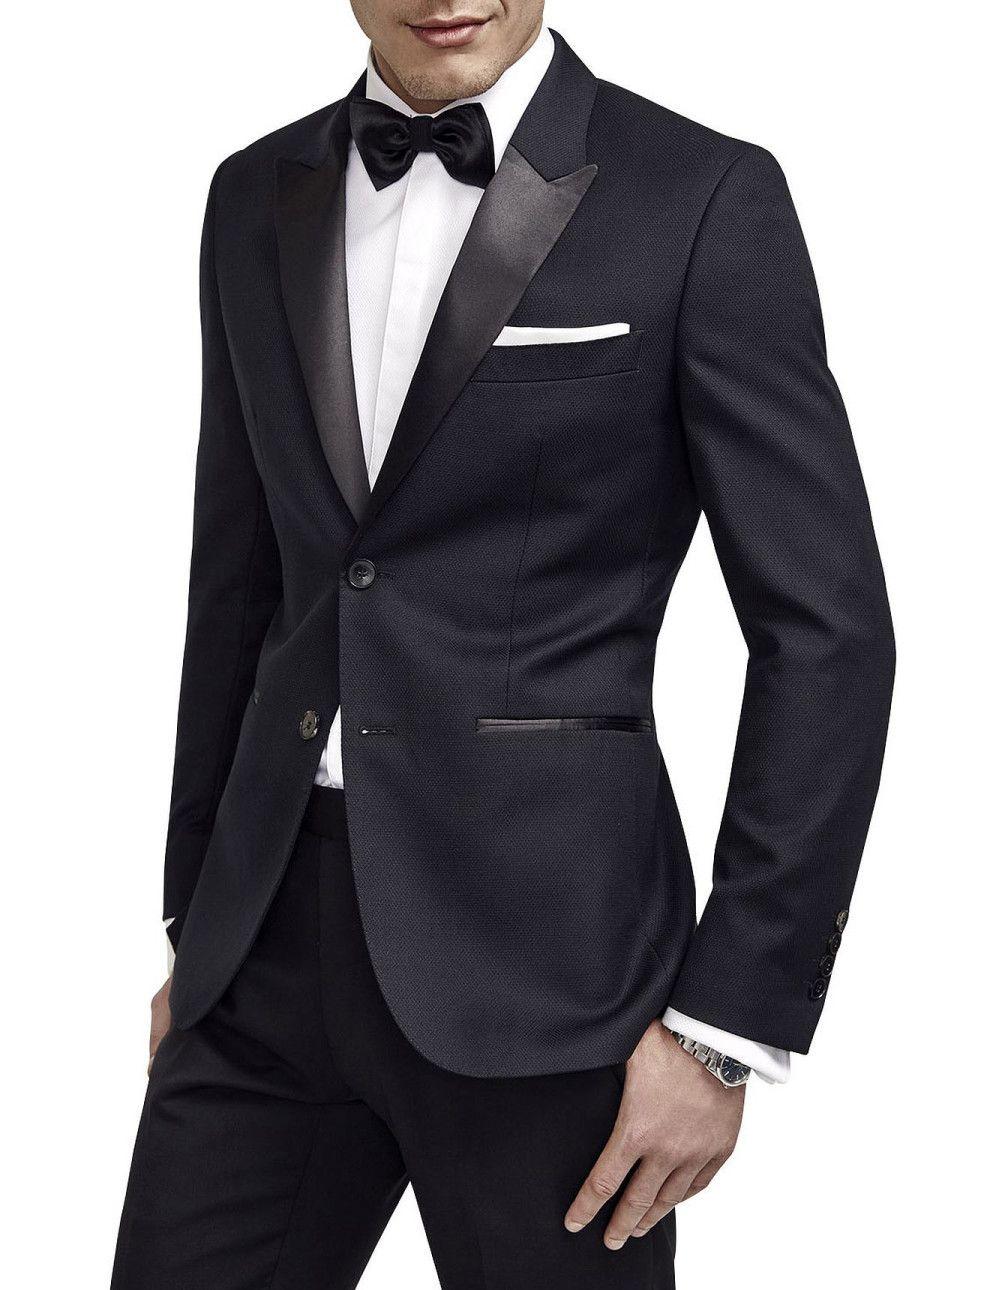 mens hugo boss dinner suit - Google Search